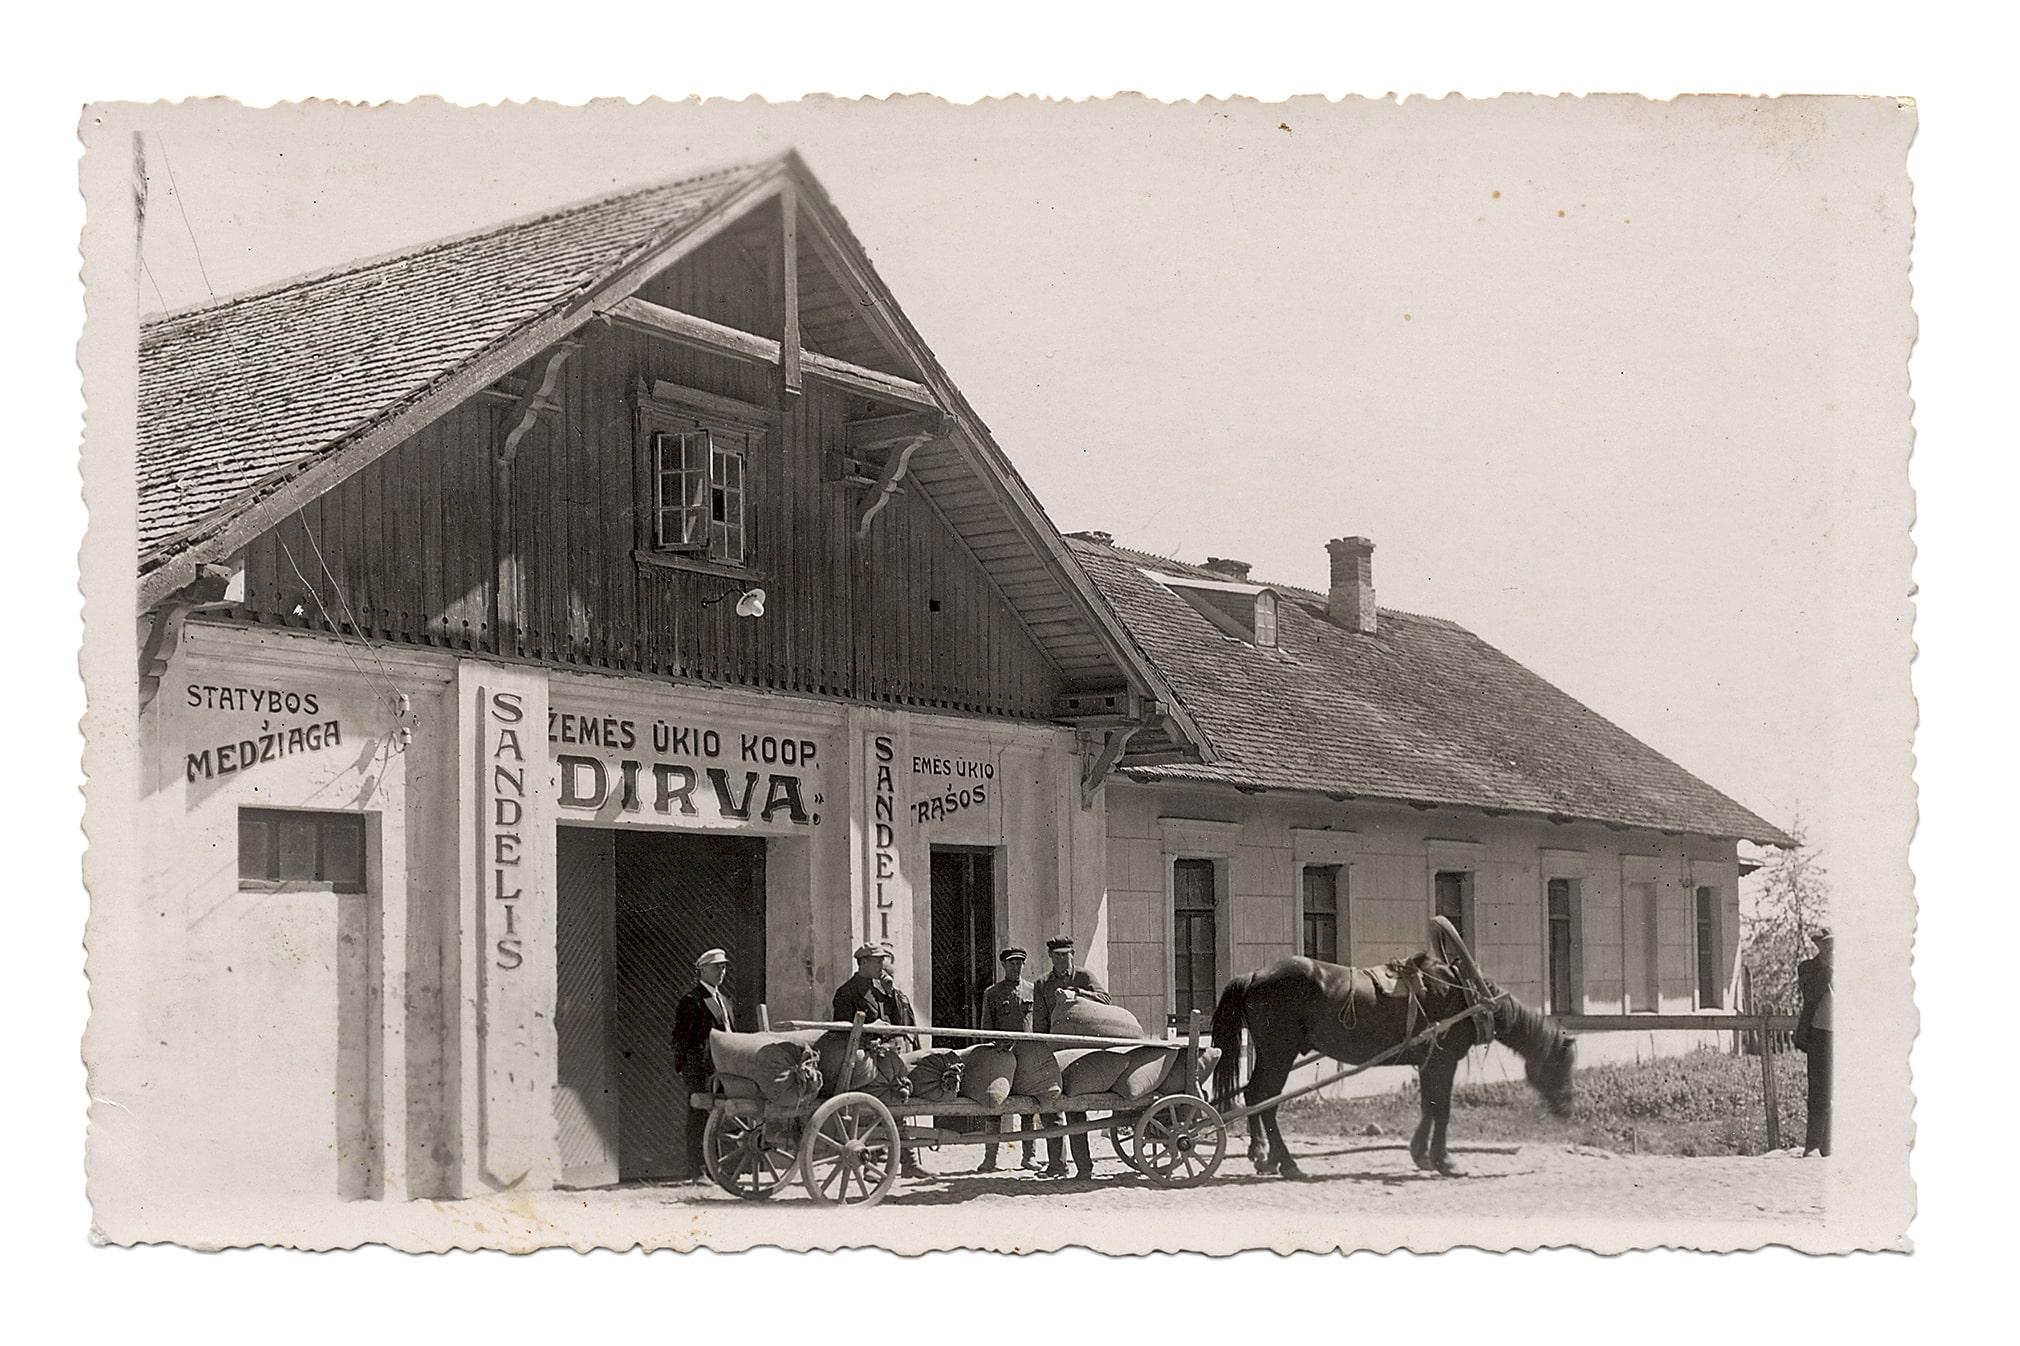 """Žemės ūkio kooperatyvo """"Dirva"""" sandėliai priešais Kėdainių geležinkelio stotį"""